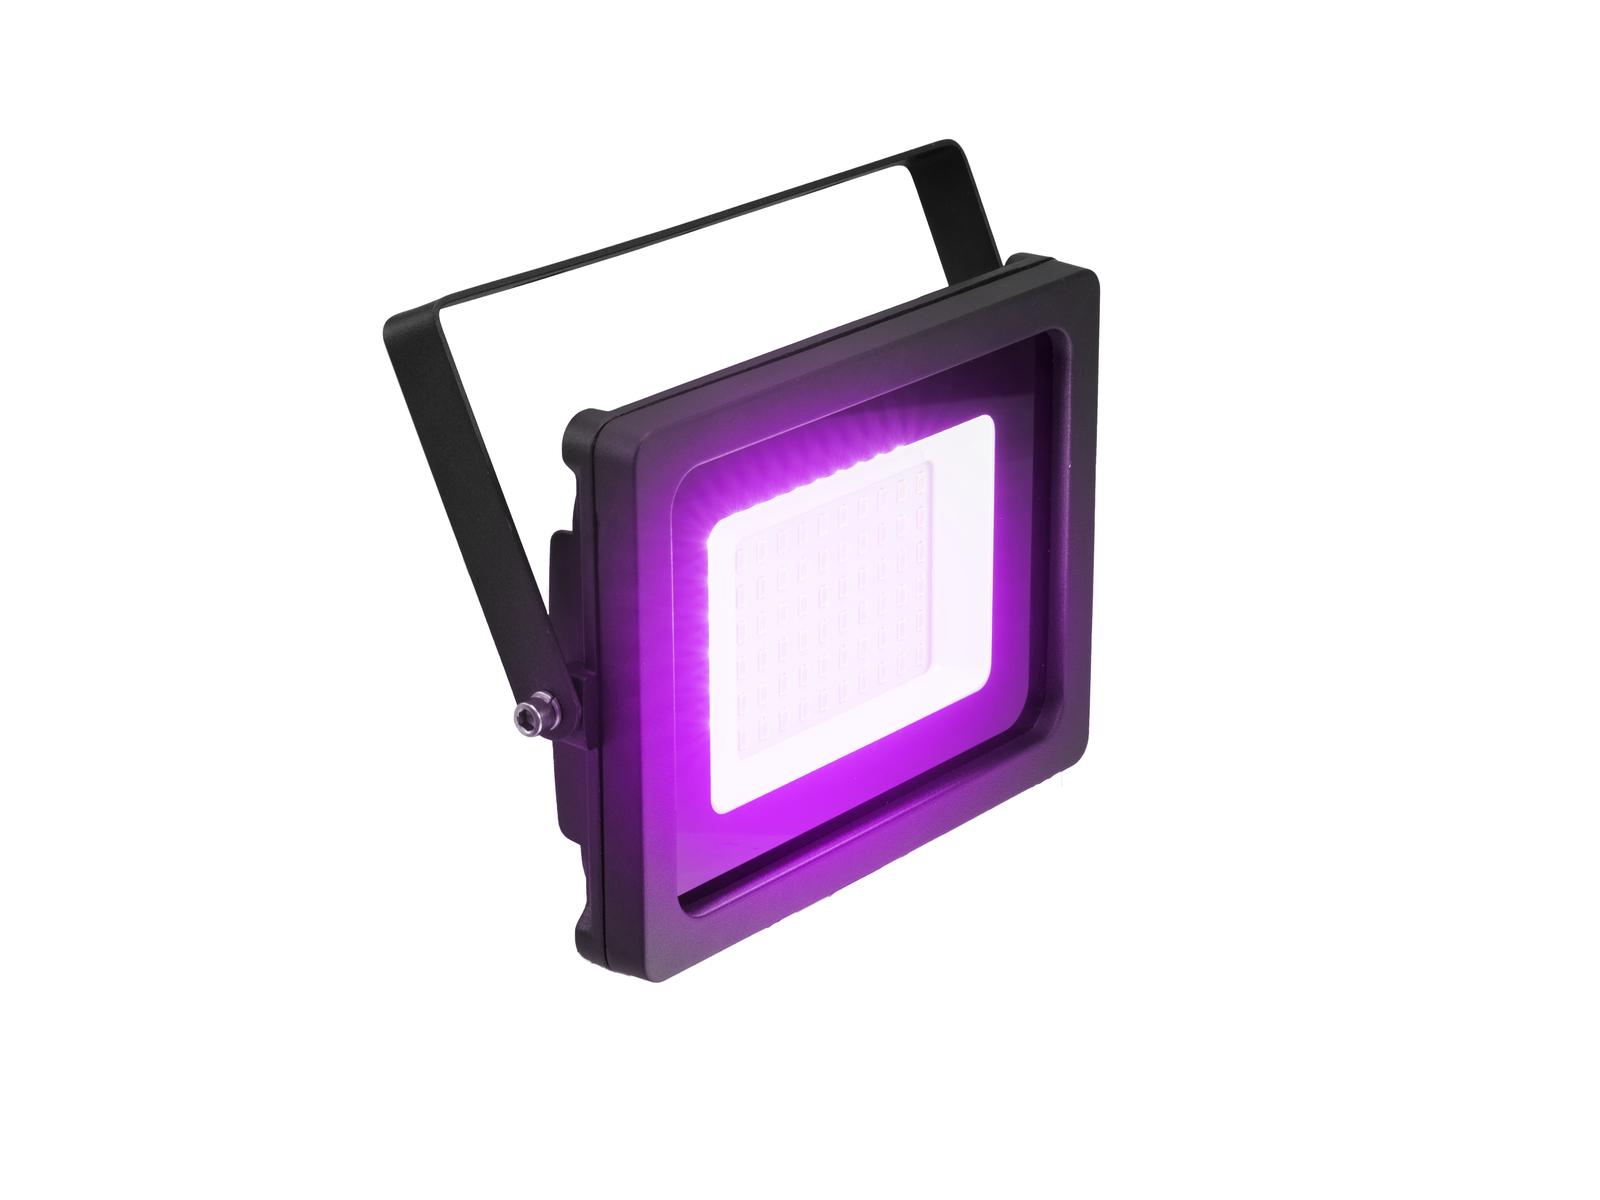 EUROLITE FL-30 Venkovní bodový reflektor, fialový